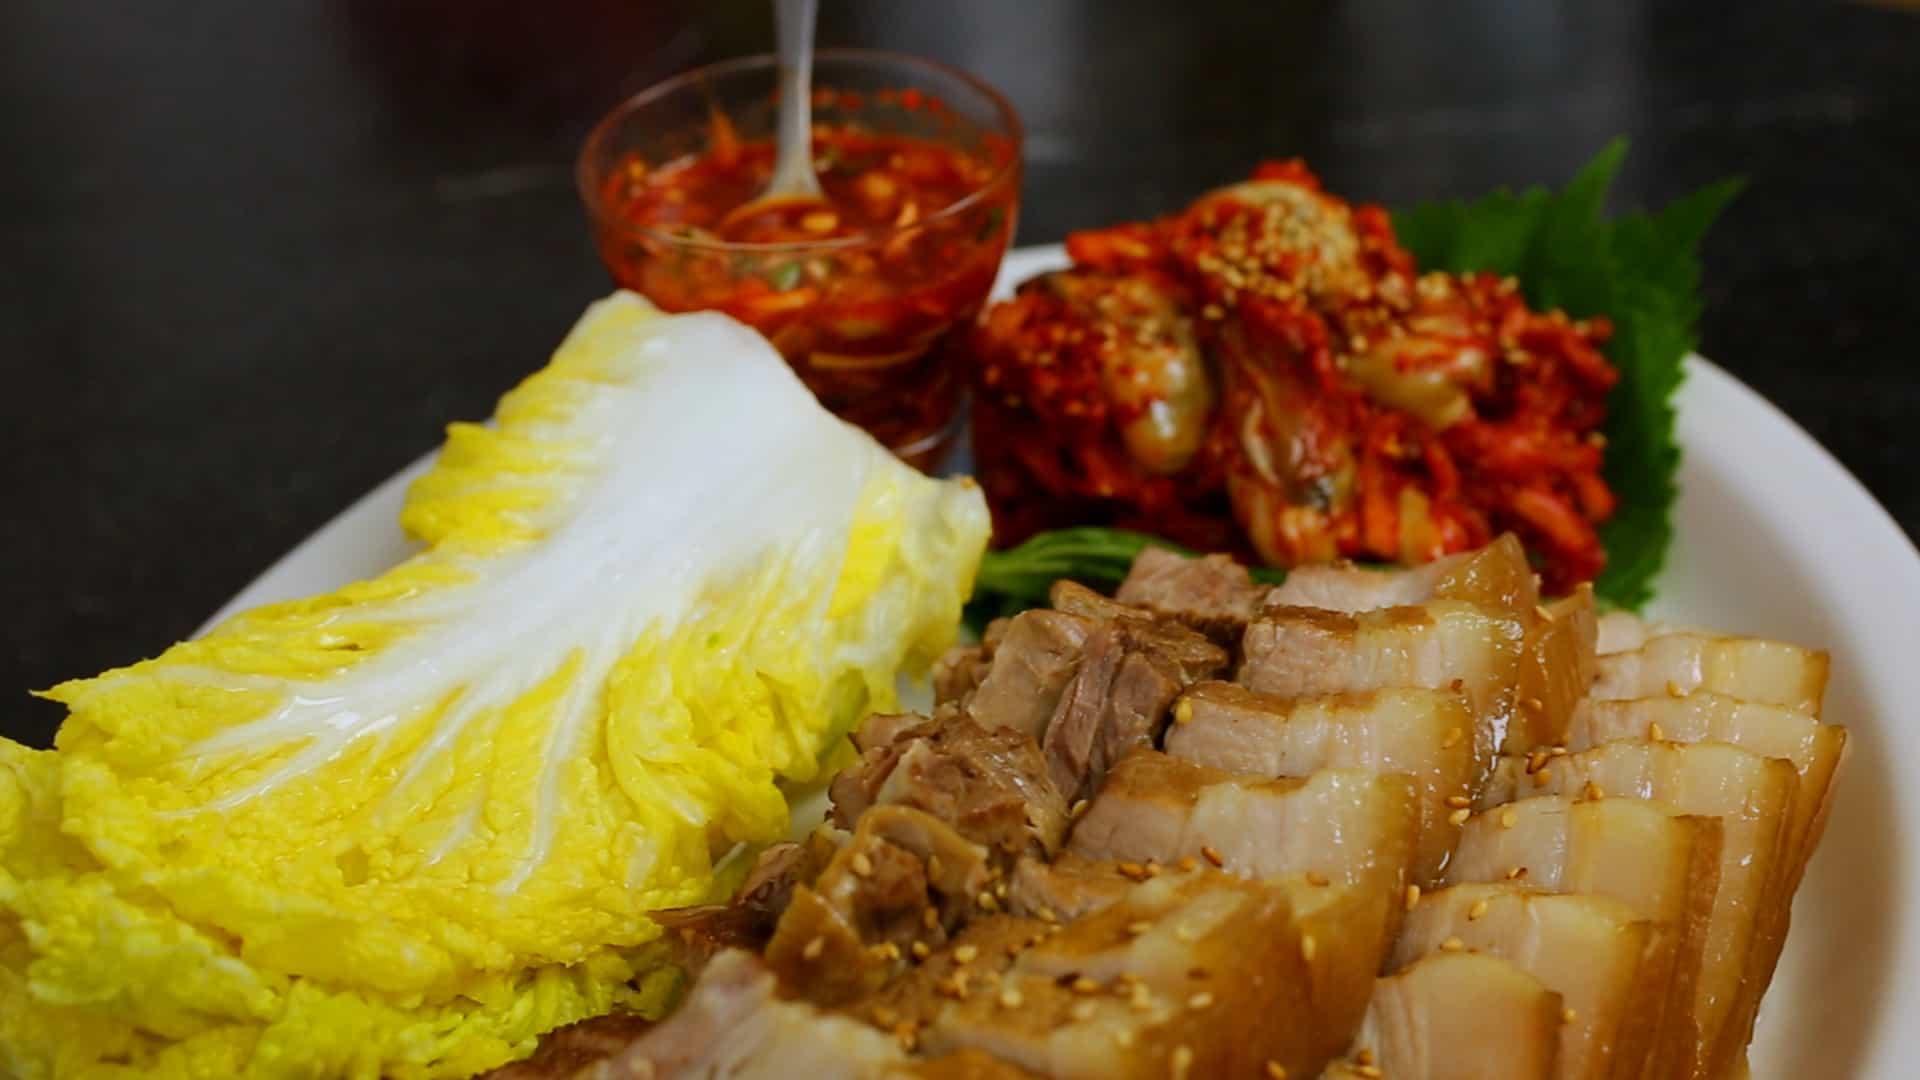 Pork wraps (Bo-ssam) recipe - Maangchi.com